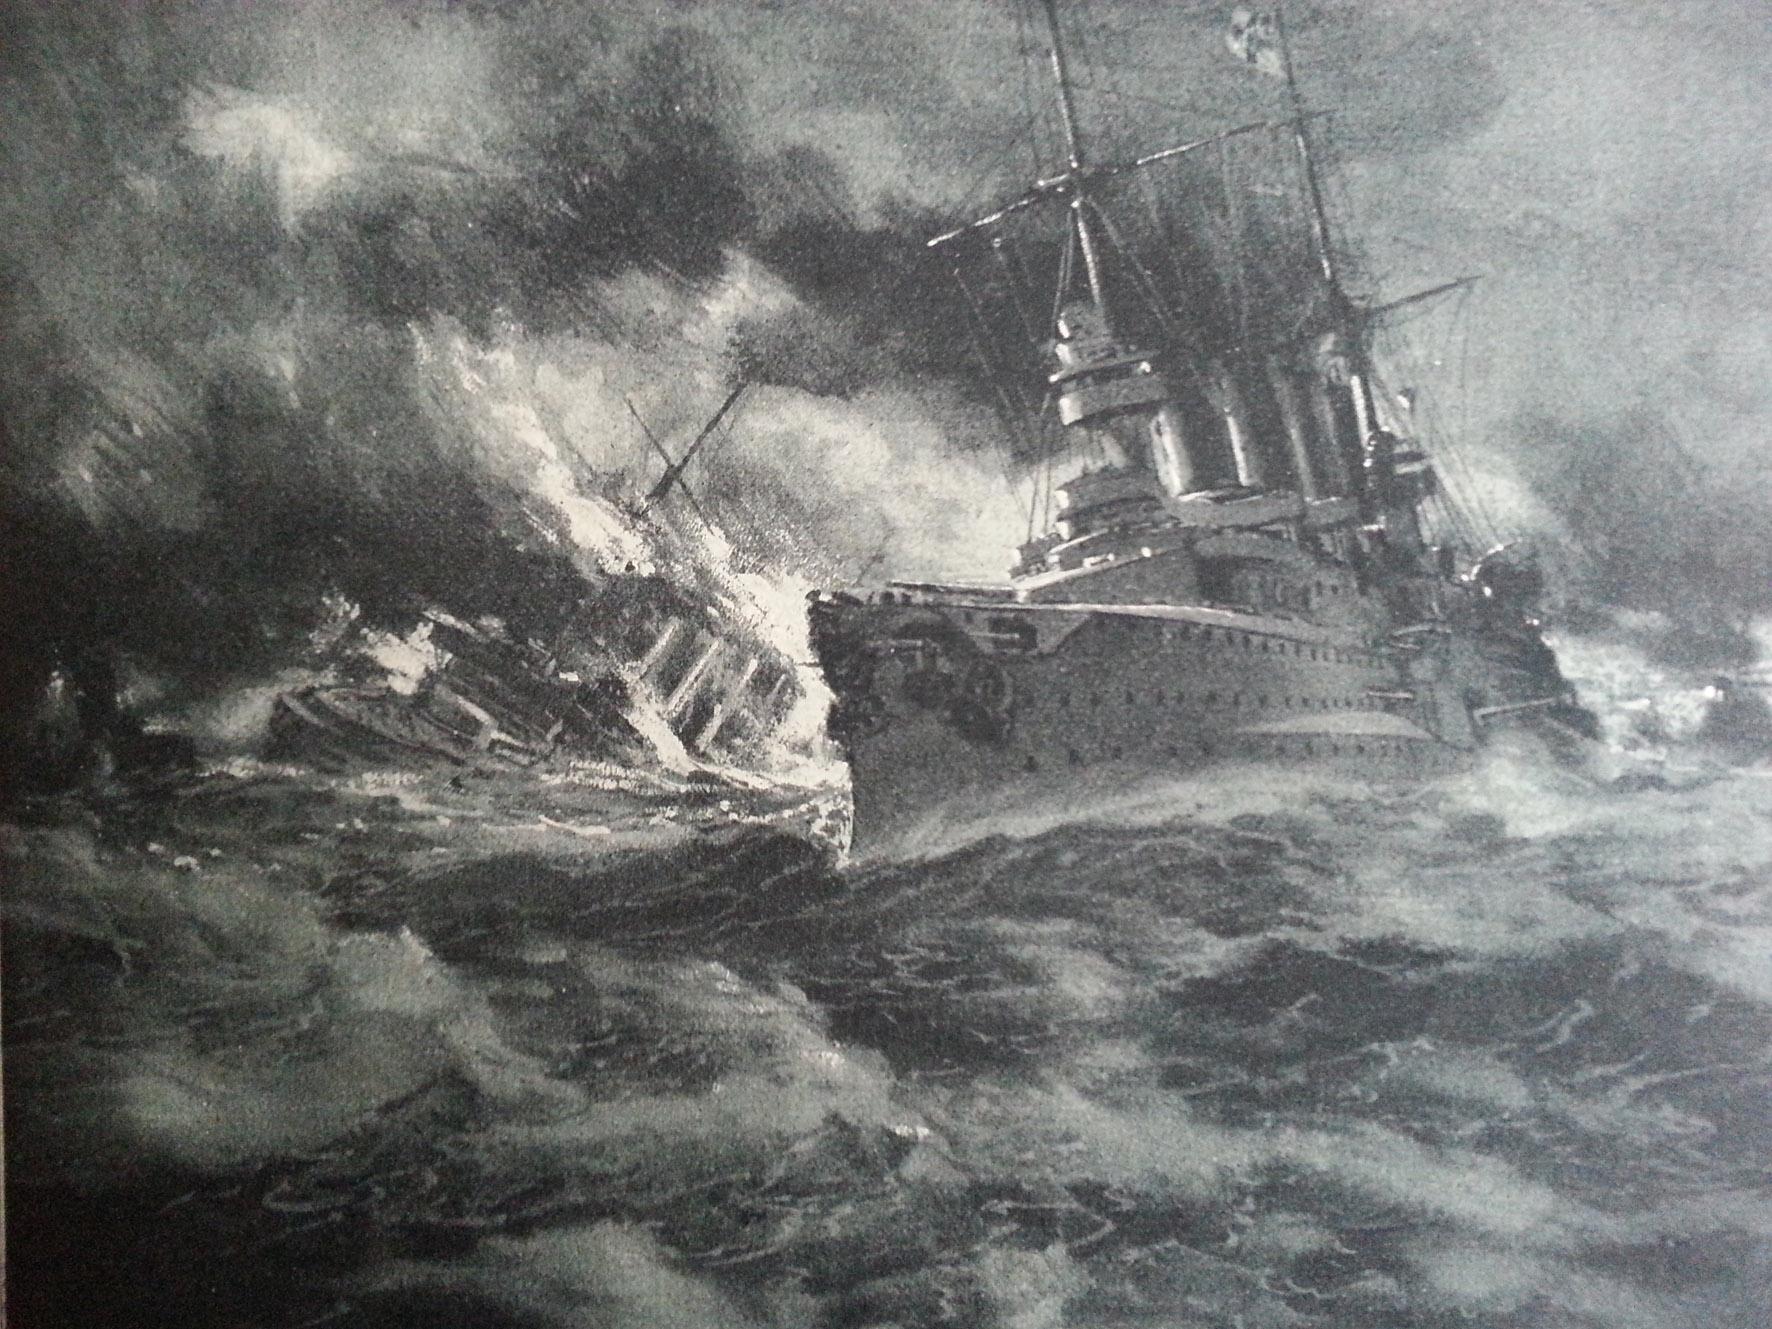 8. december 1914. SMS Dresden på flugt: Der er propfyldt med englænder i Port Stanley!